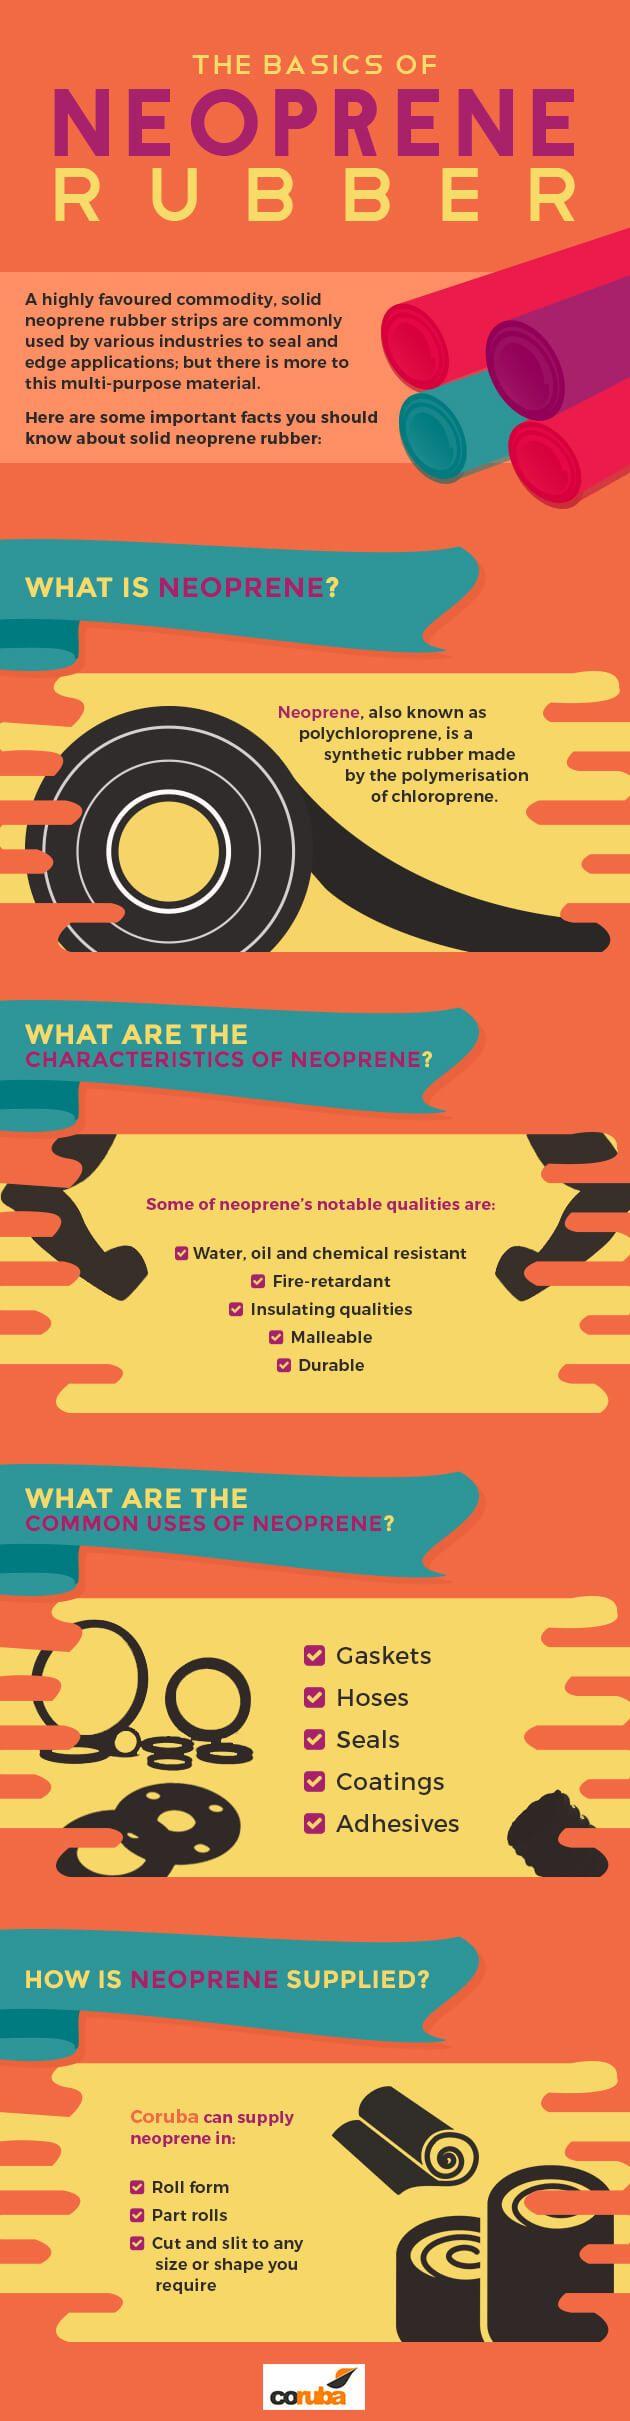 The Basics of Neoprene Rubber...